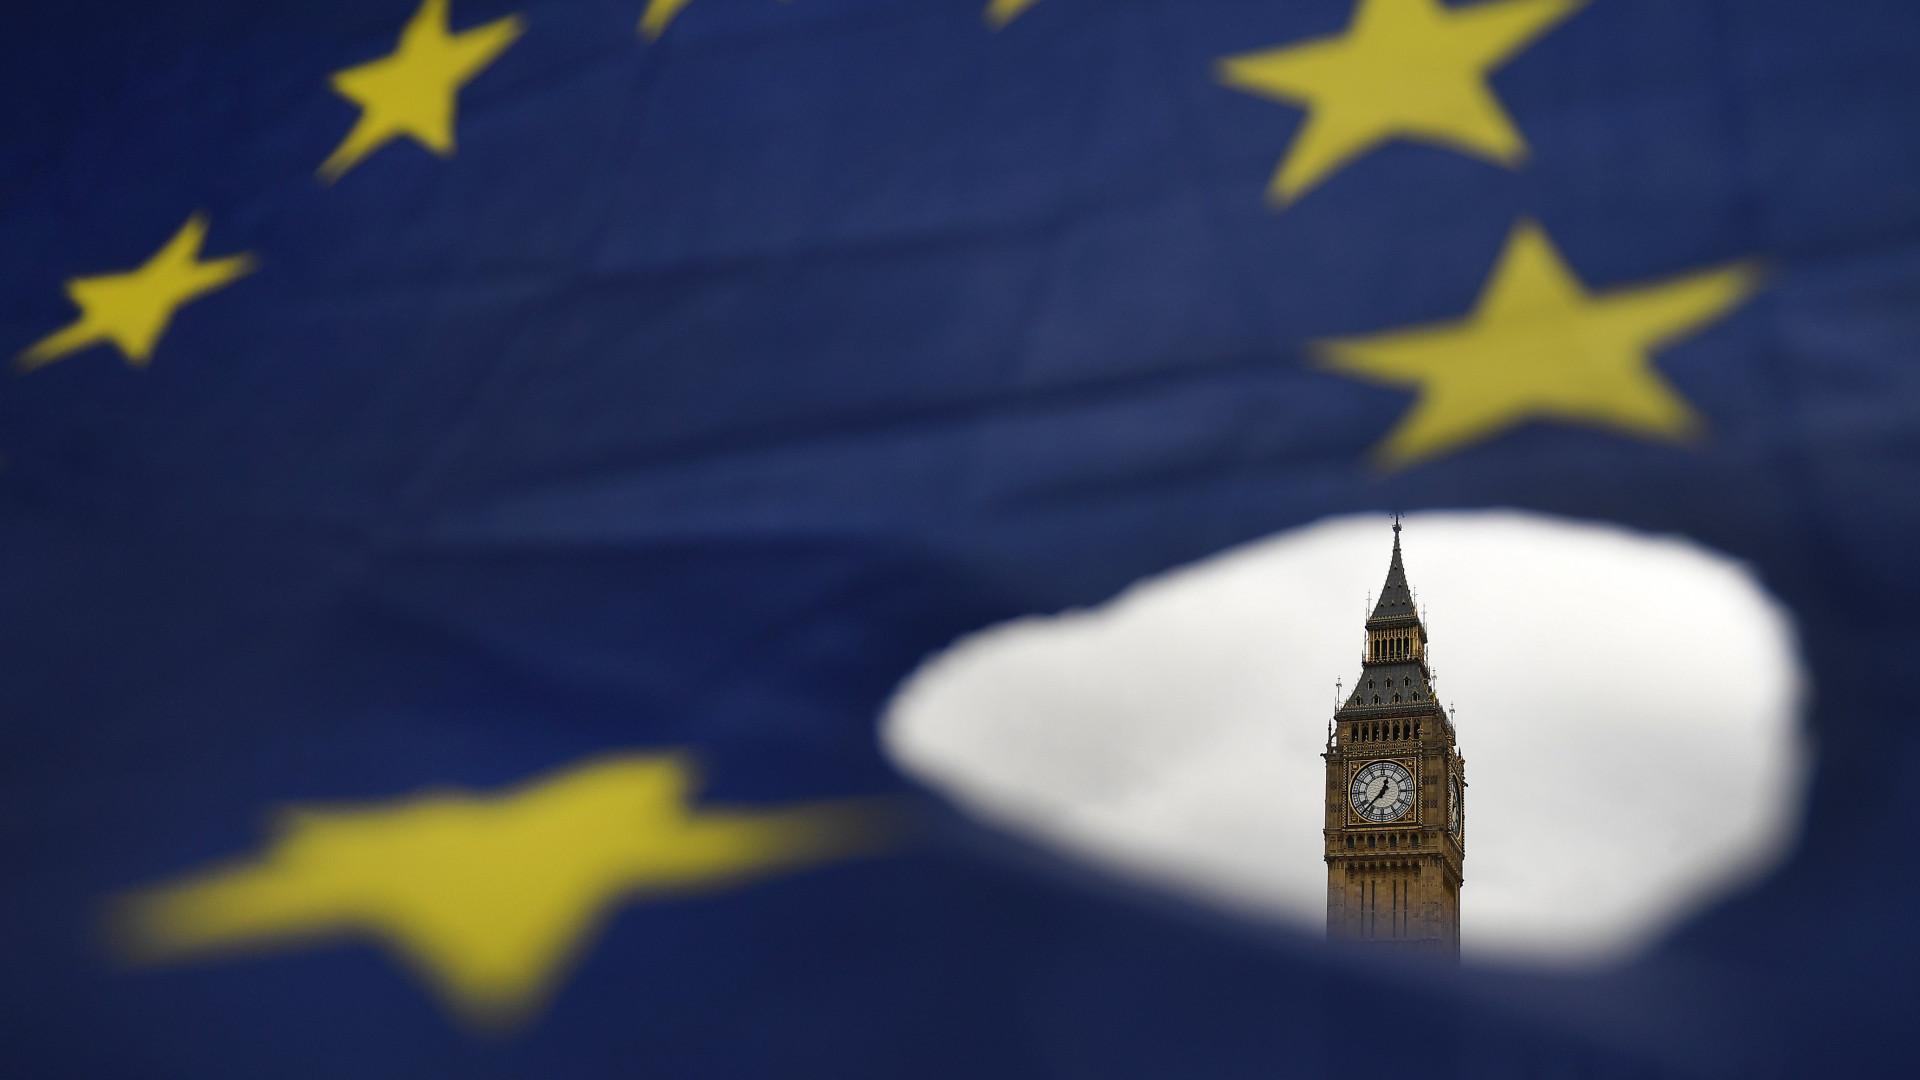 Declaração prevê zona de comércio livre entre Reino Unido e UE